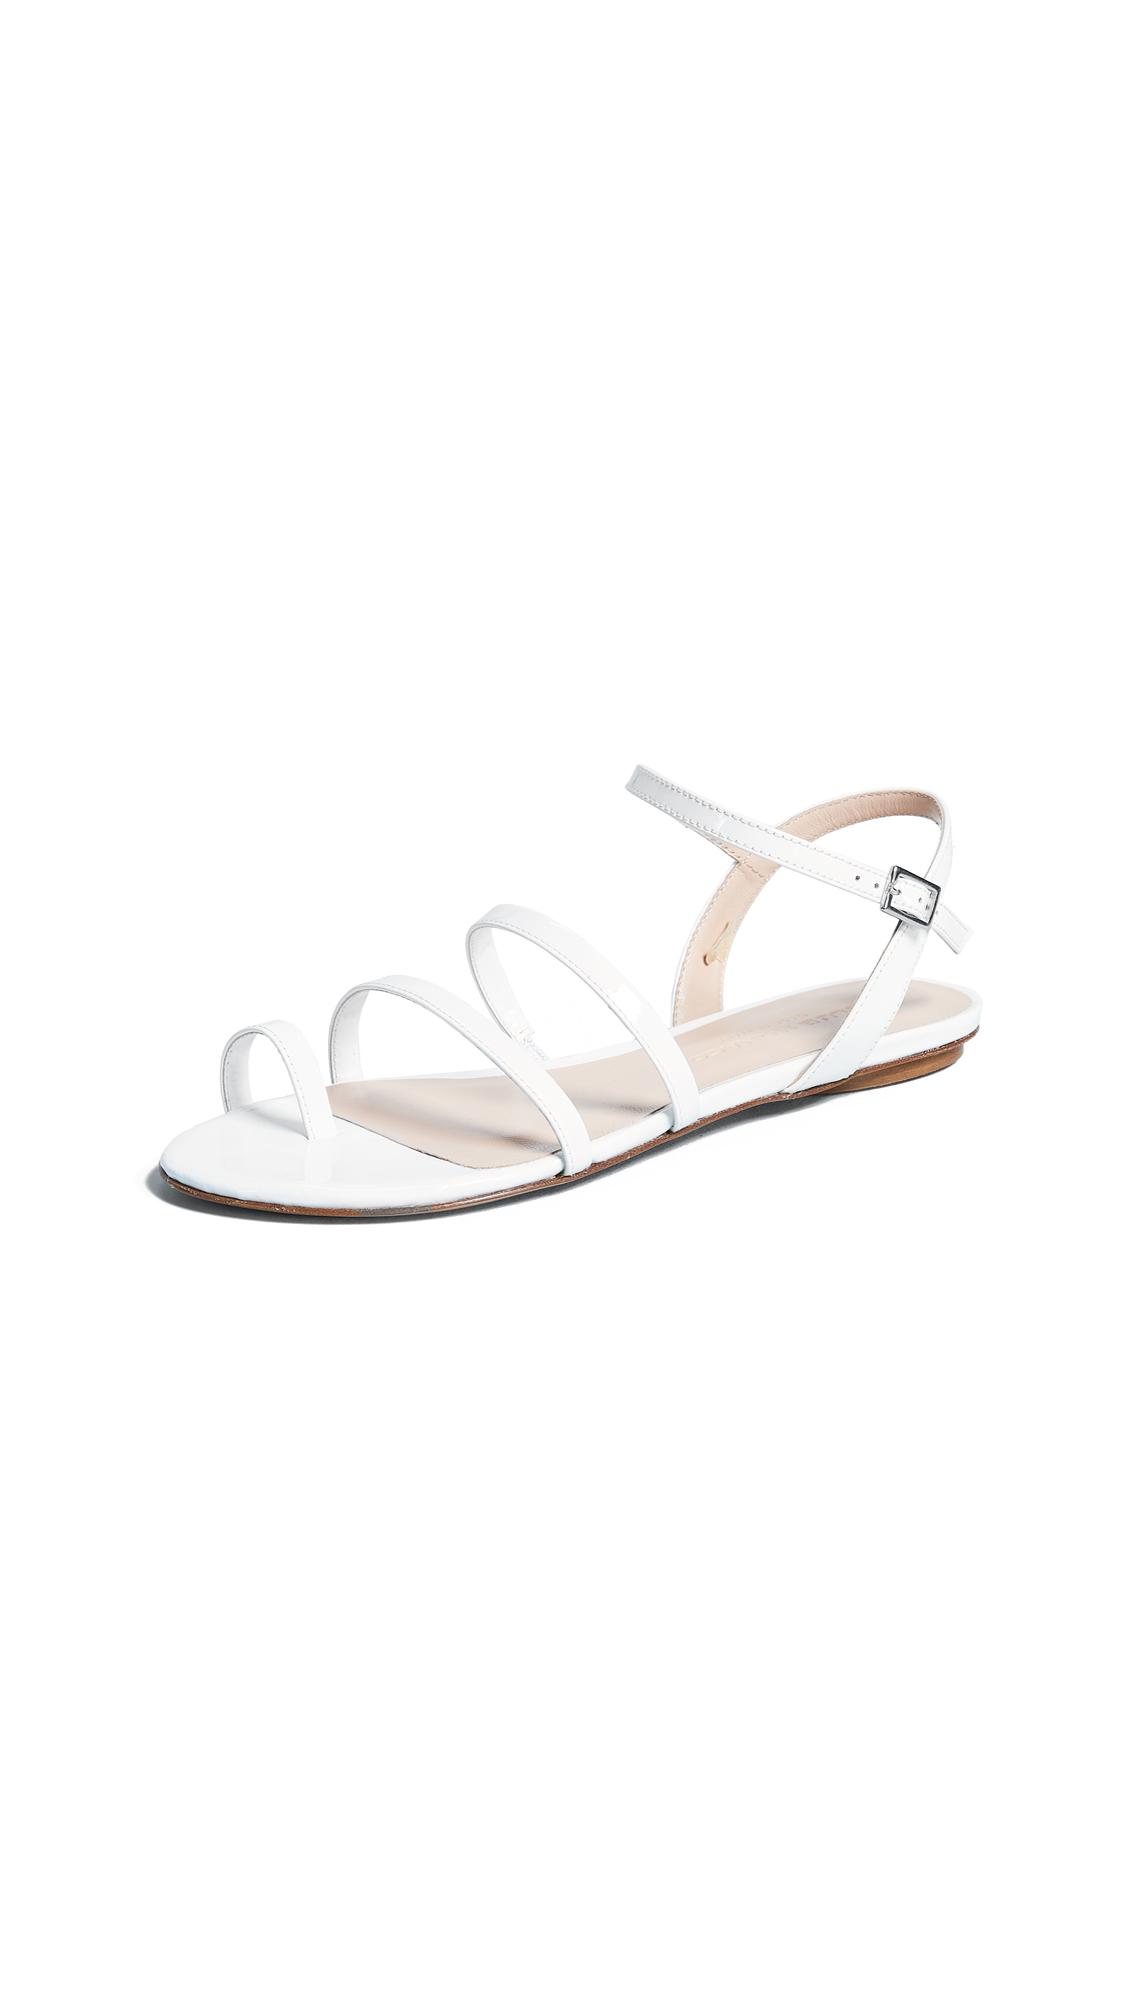 Club Monaco Akinya Sandals In White